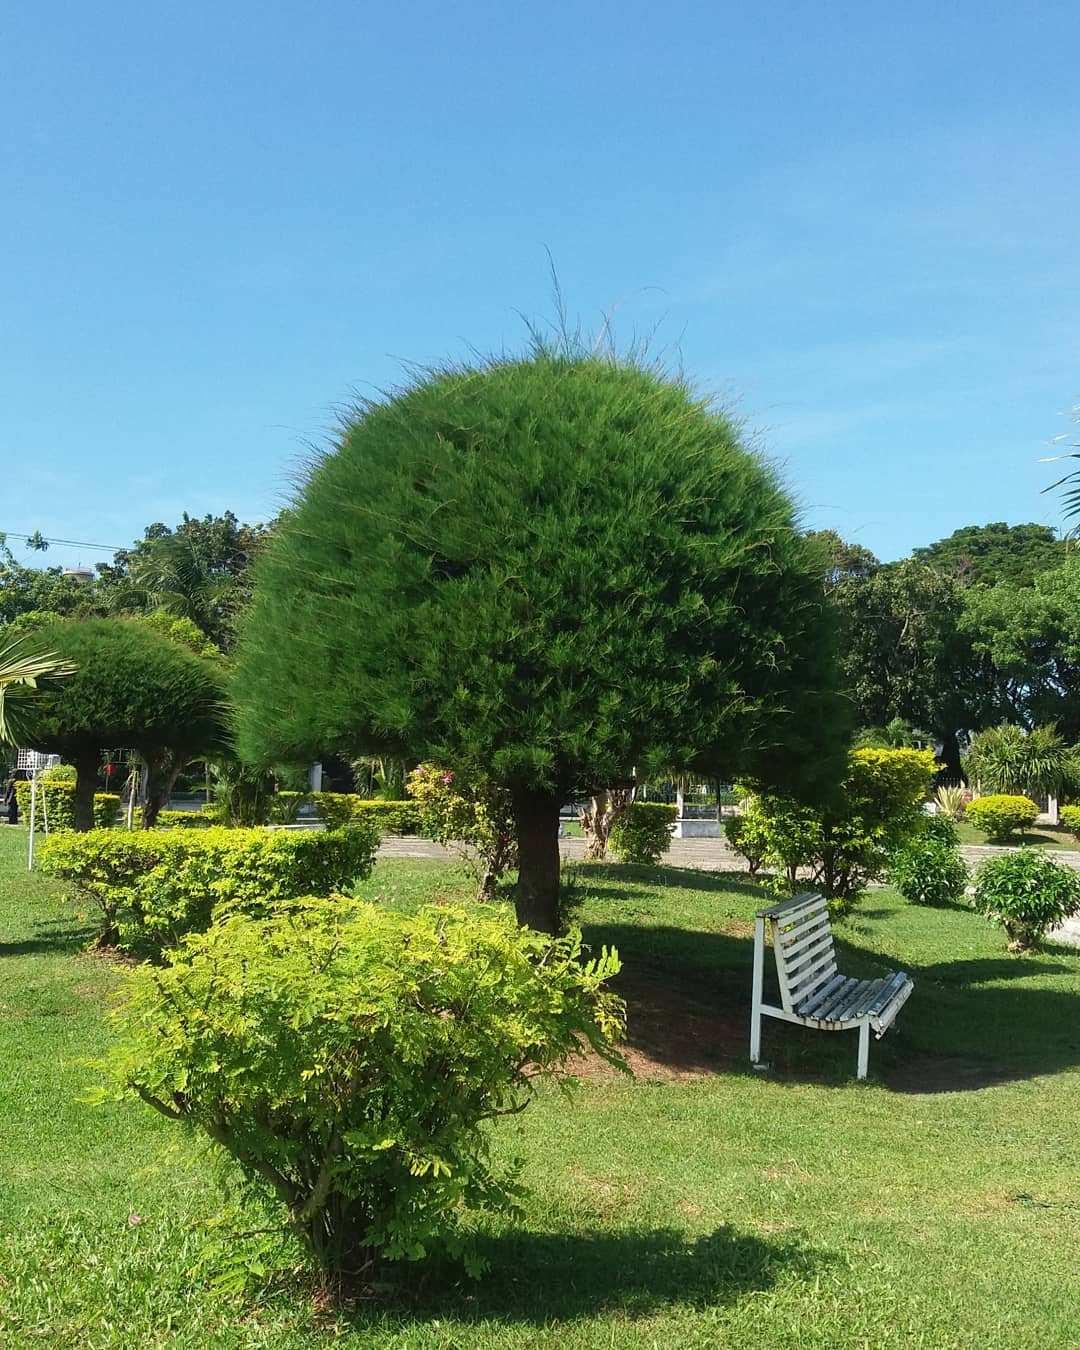 Taman di Taman Sari Gunongan Aceh Image From @adliyadel